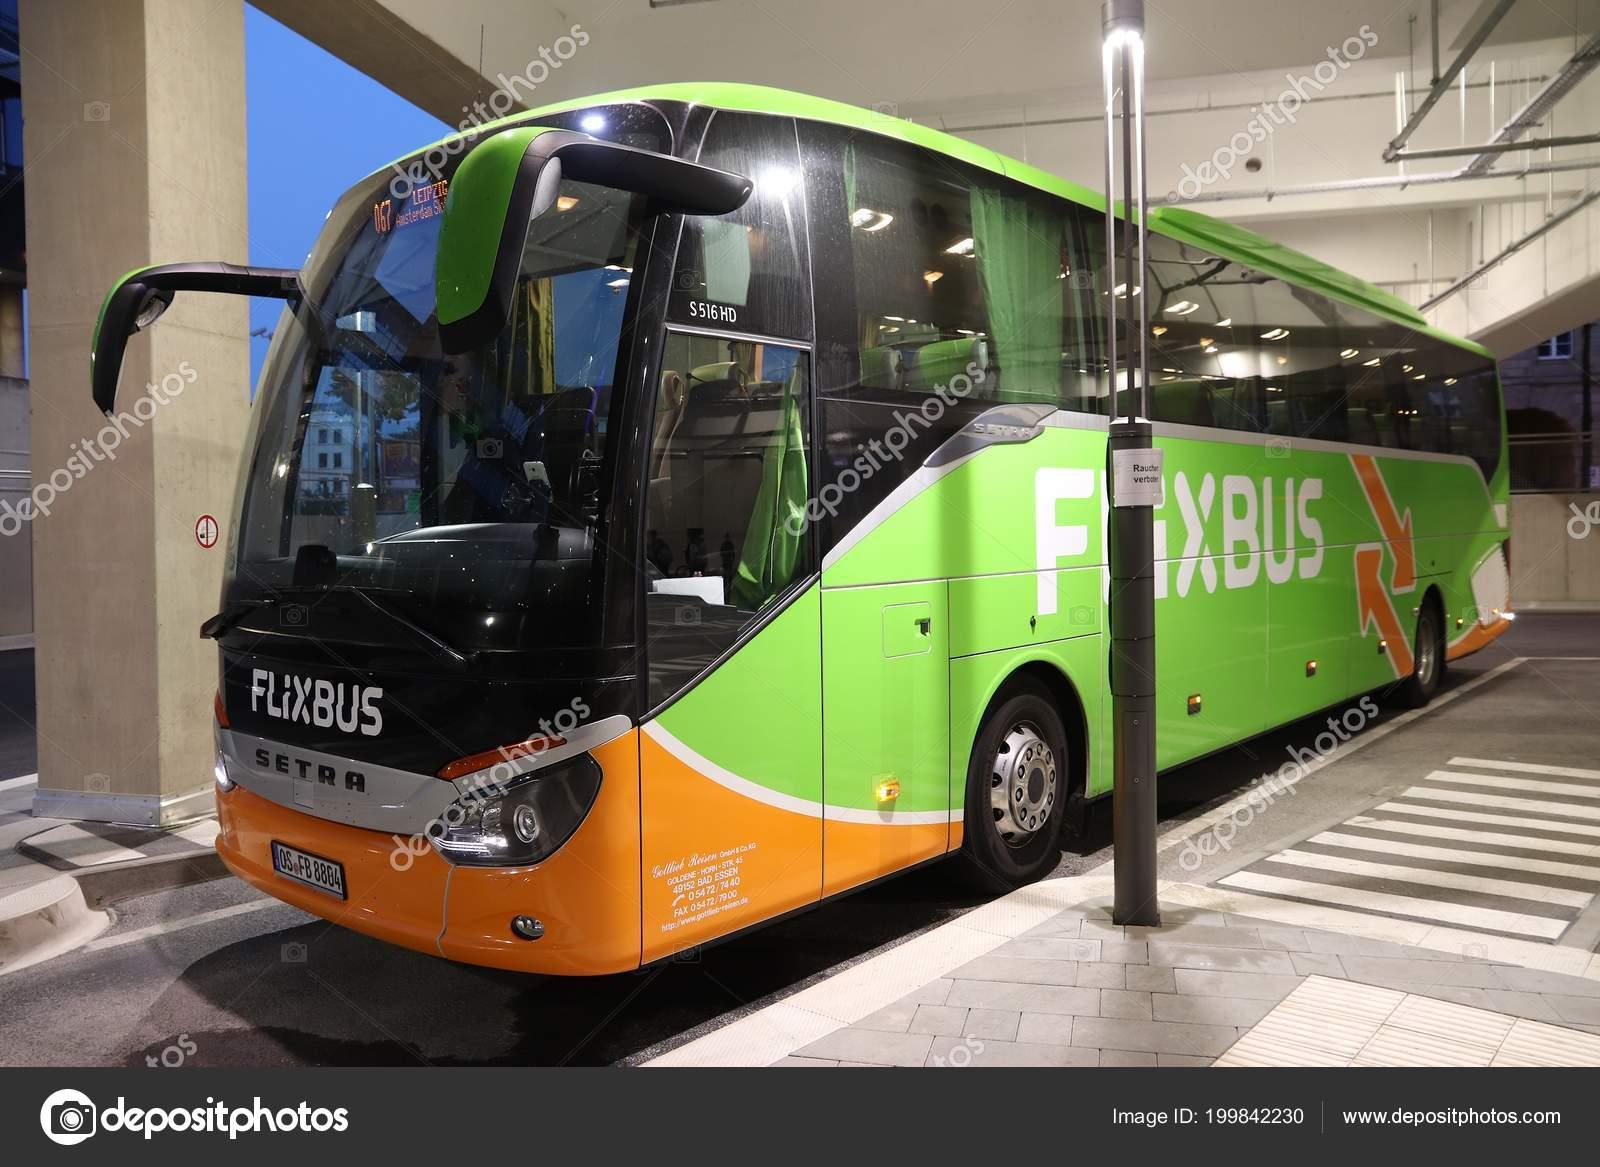 flixbus know